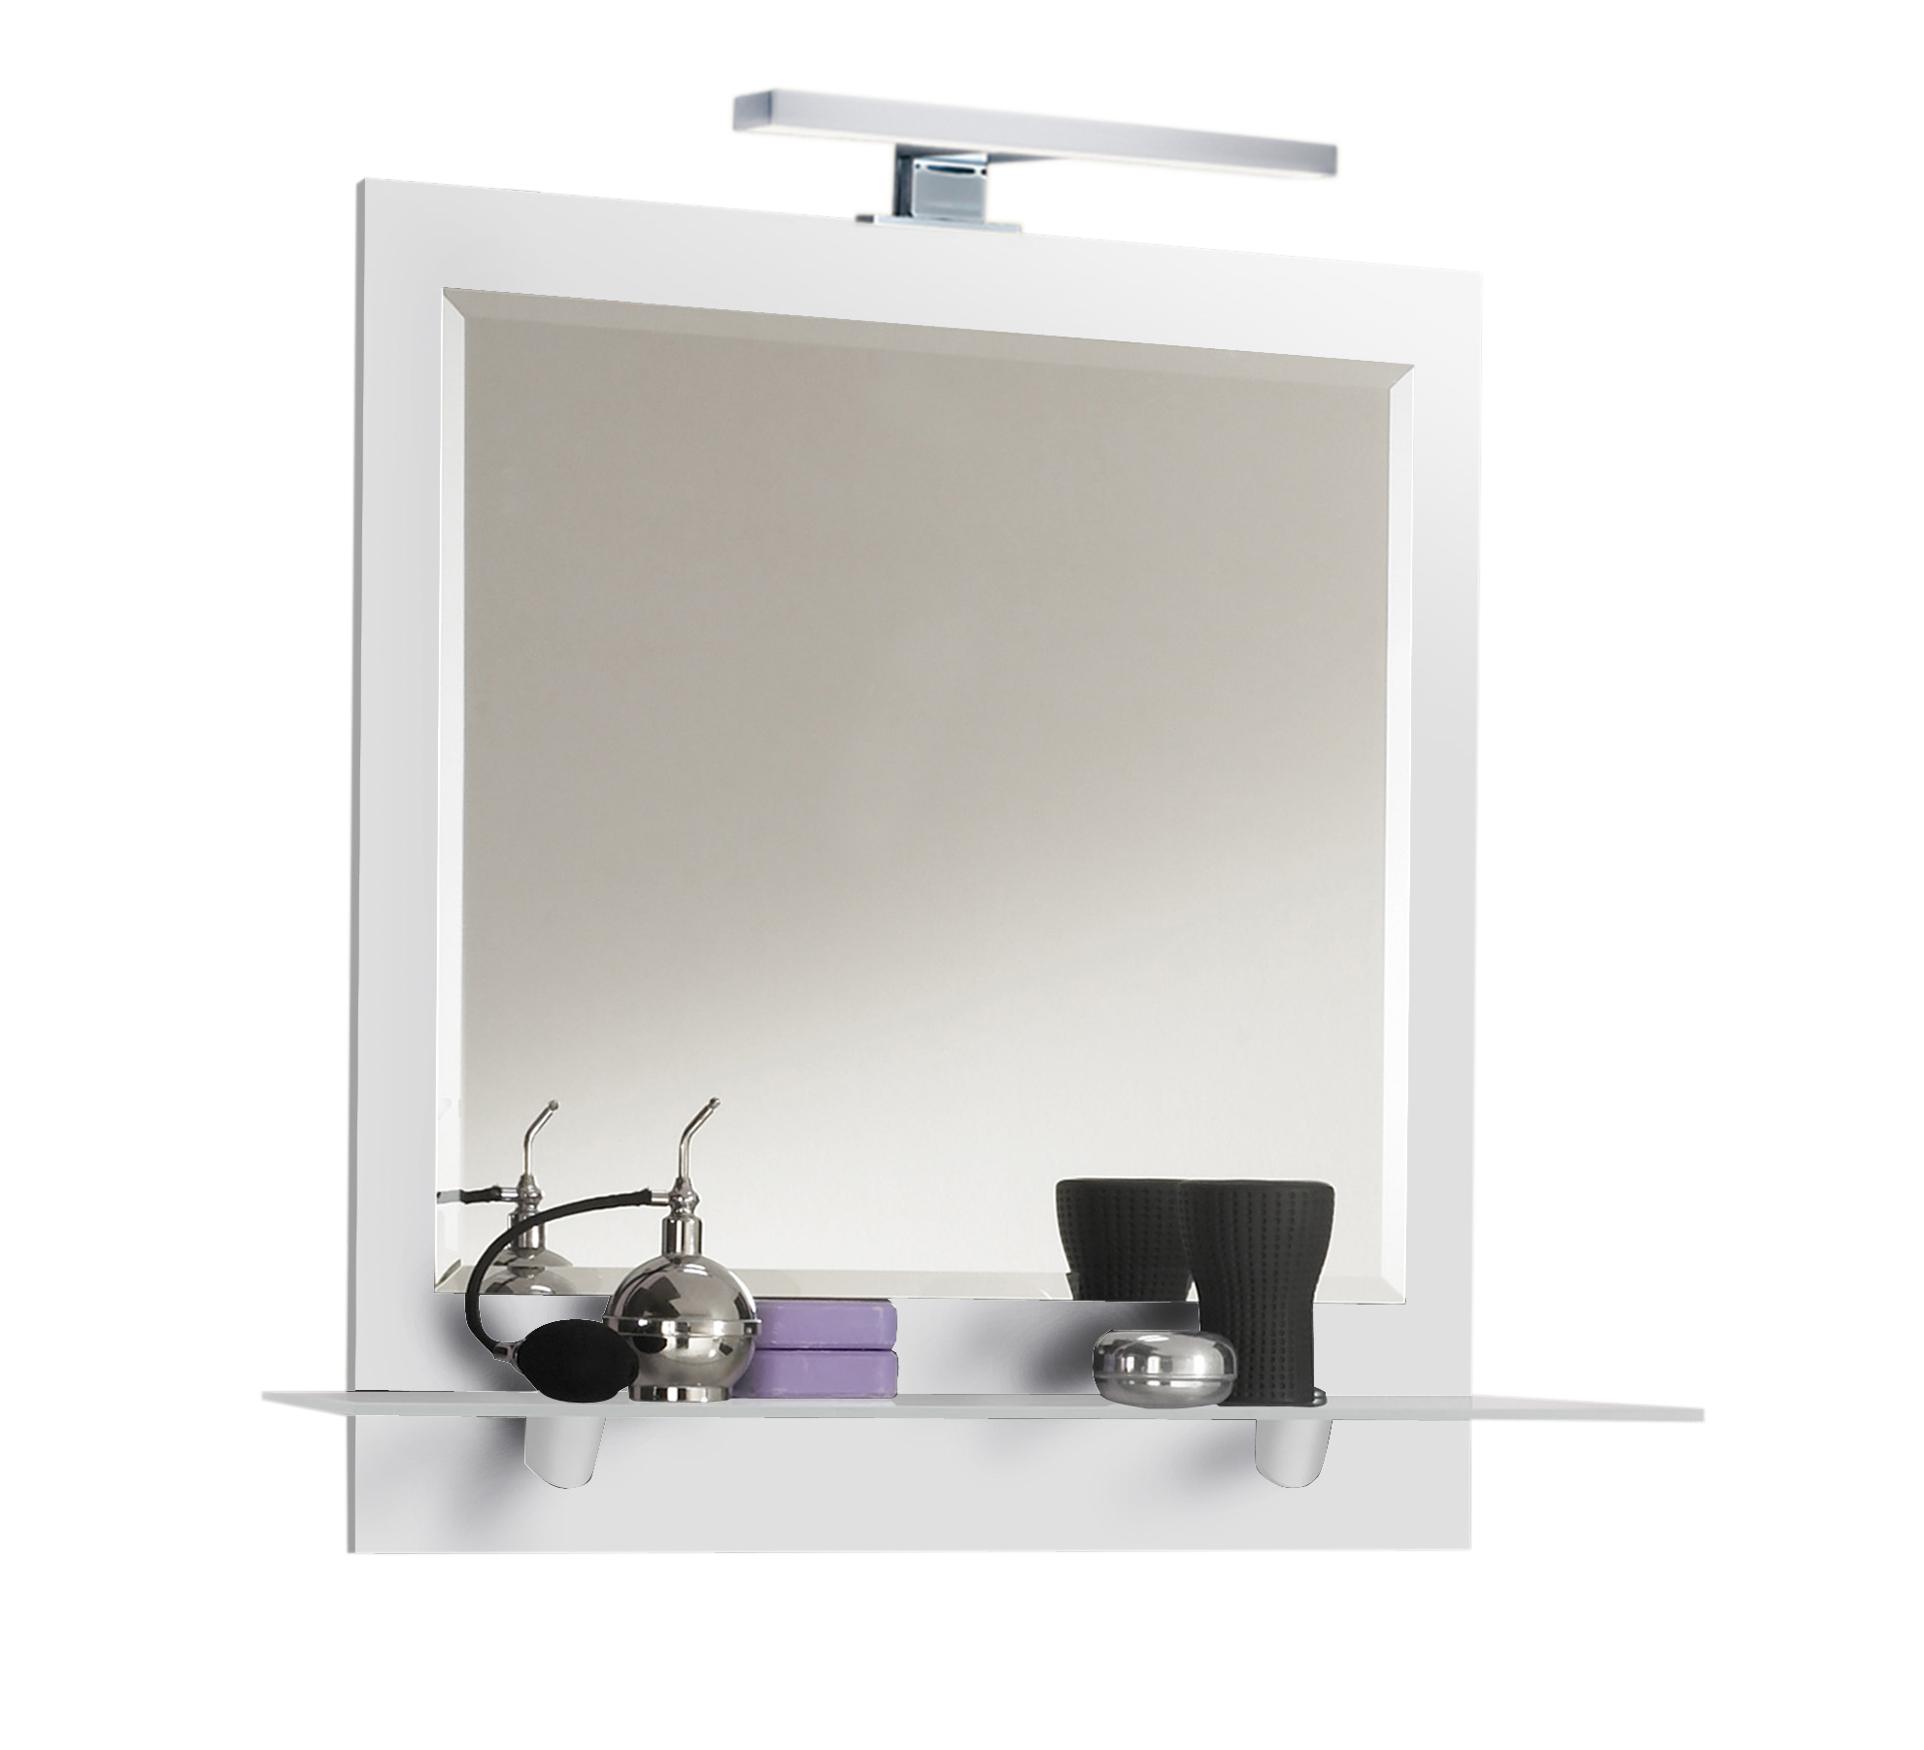 Spiegelpaneel mit ablage und led lampe badezimmer spiegel for Spiegel ablage badezimmer